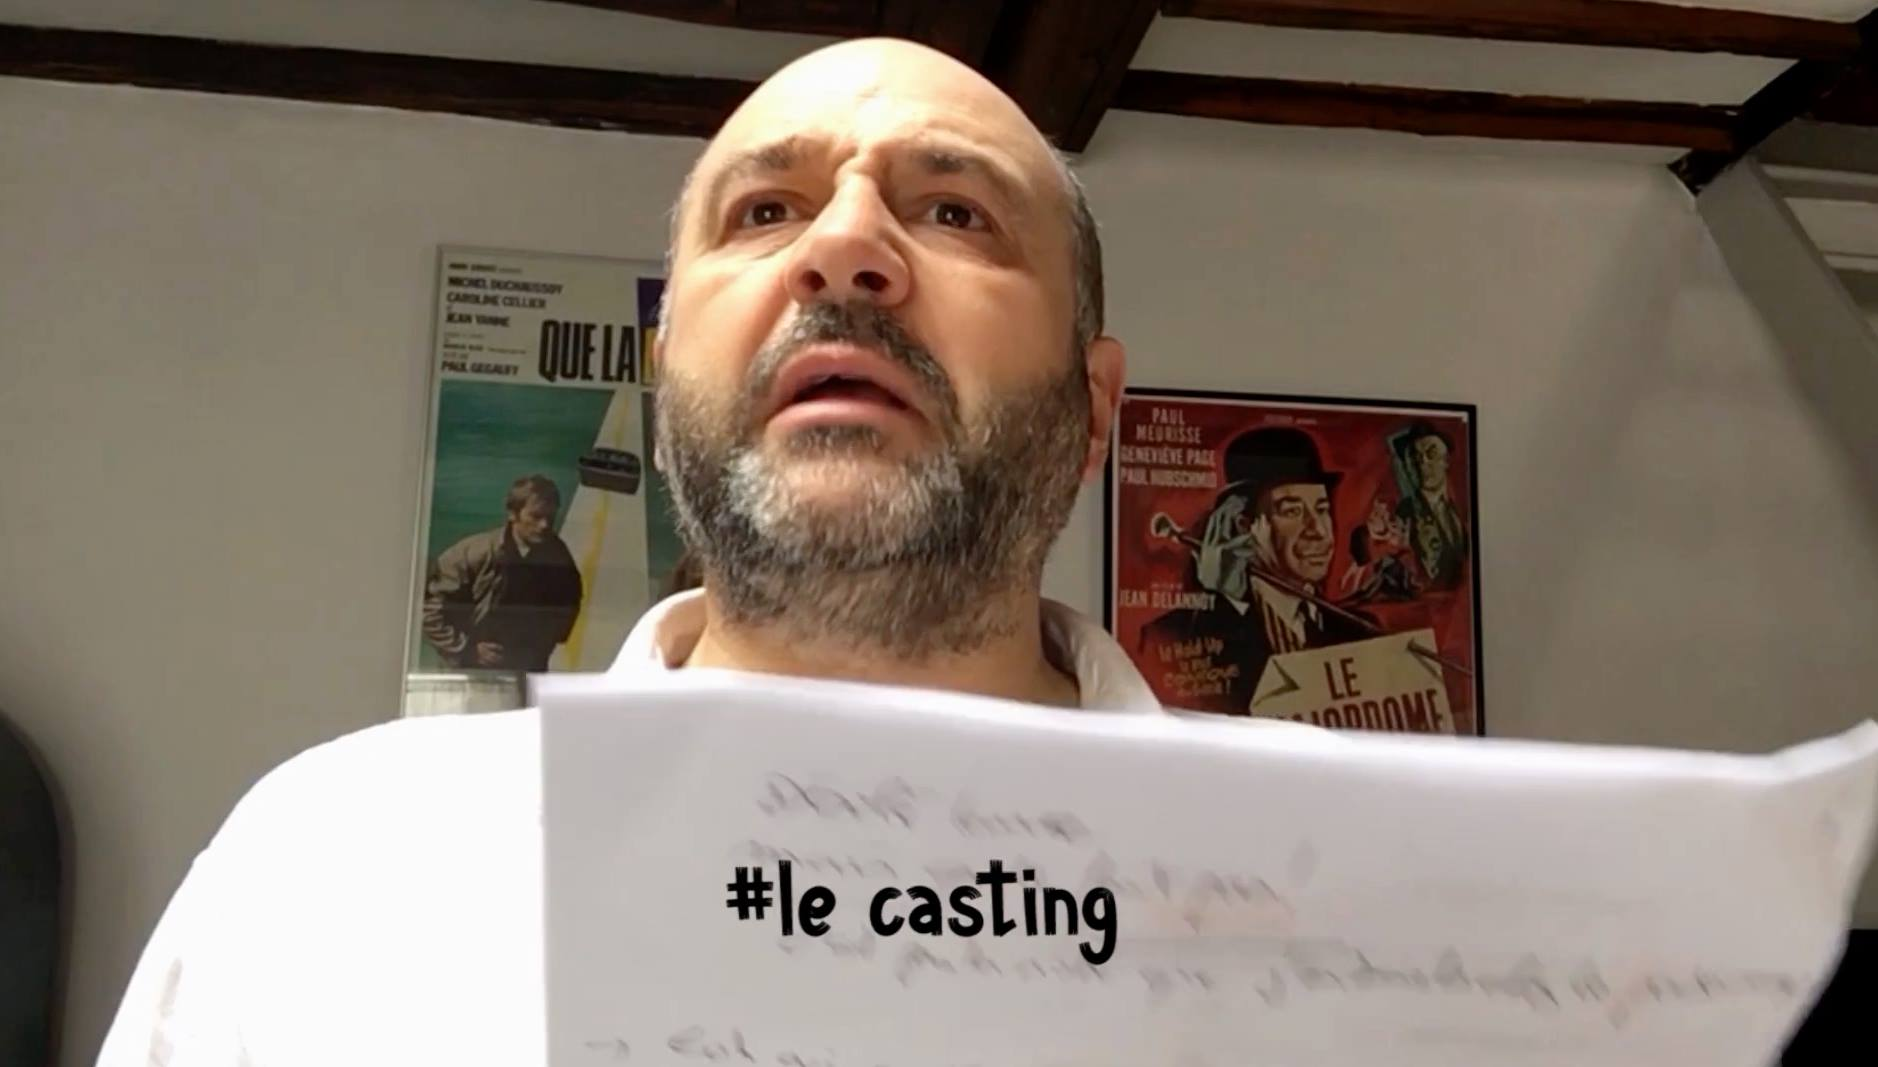 L'EMMERDANTE #le casting